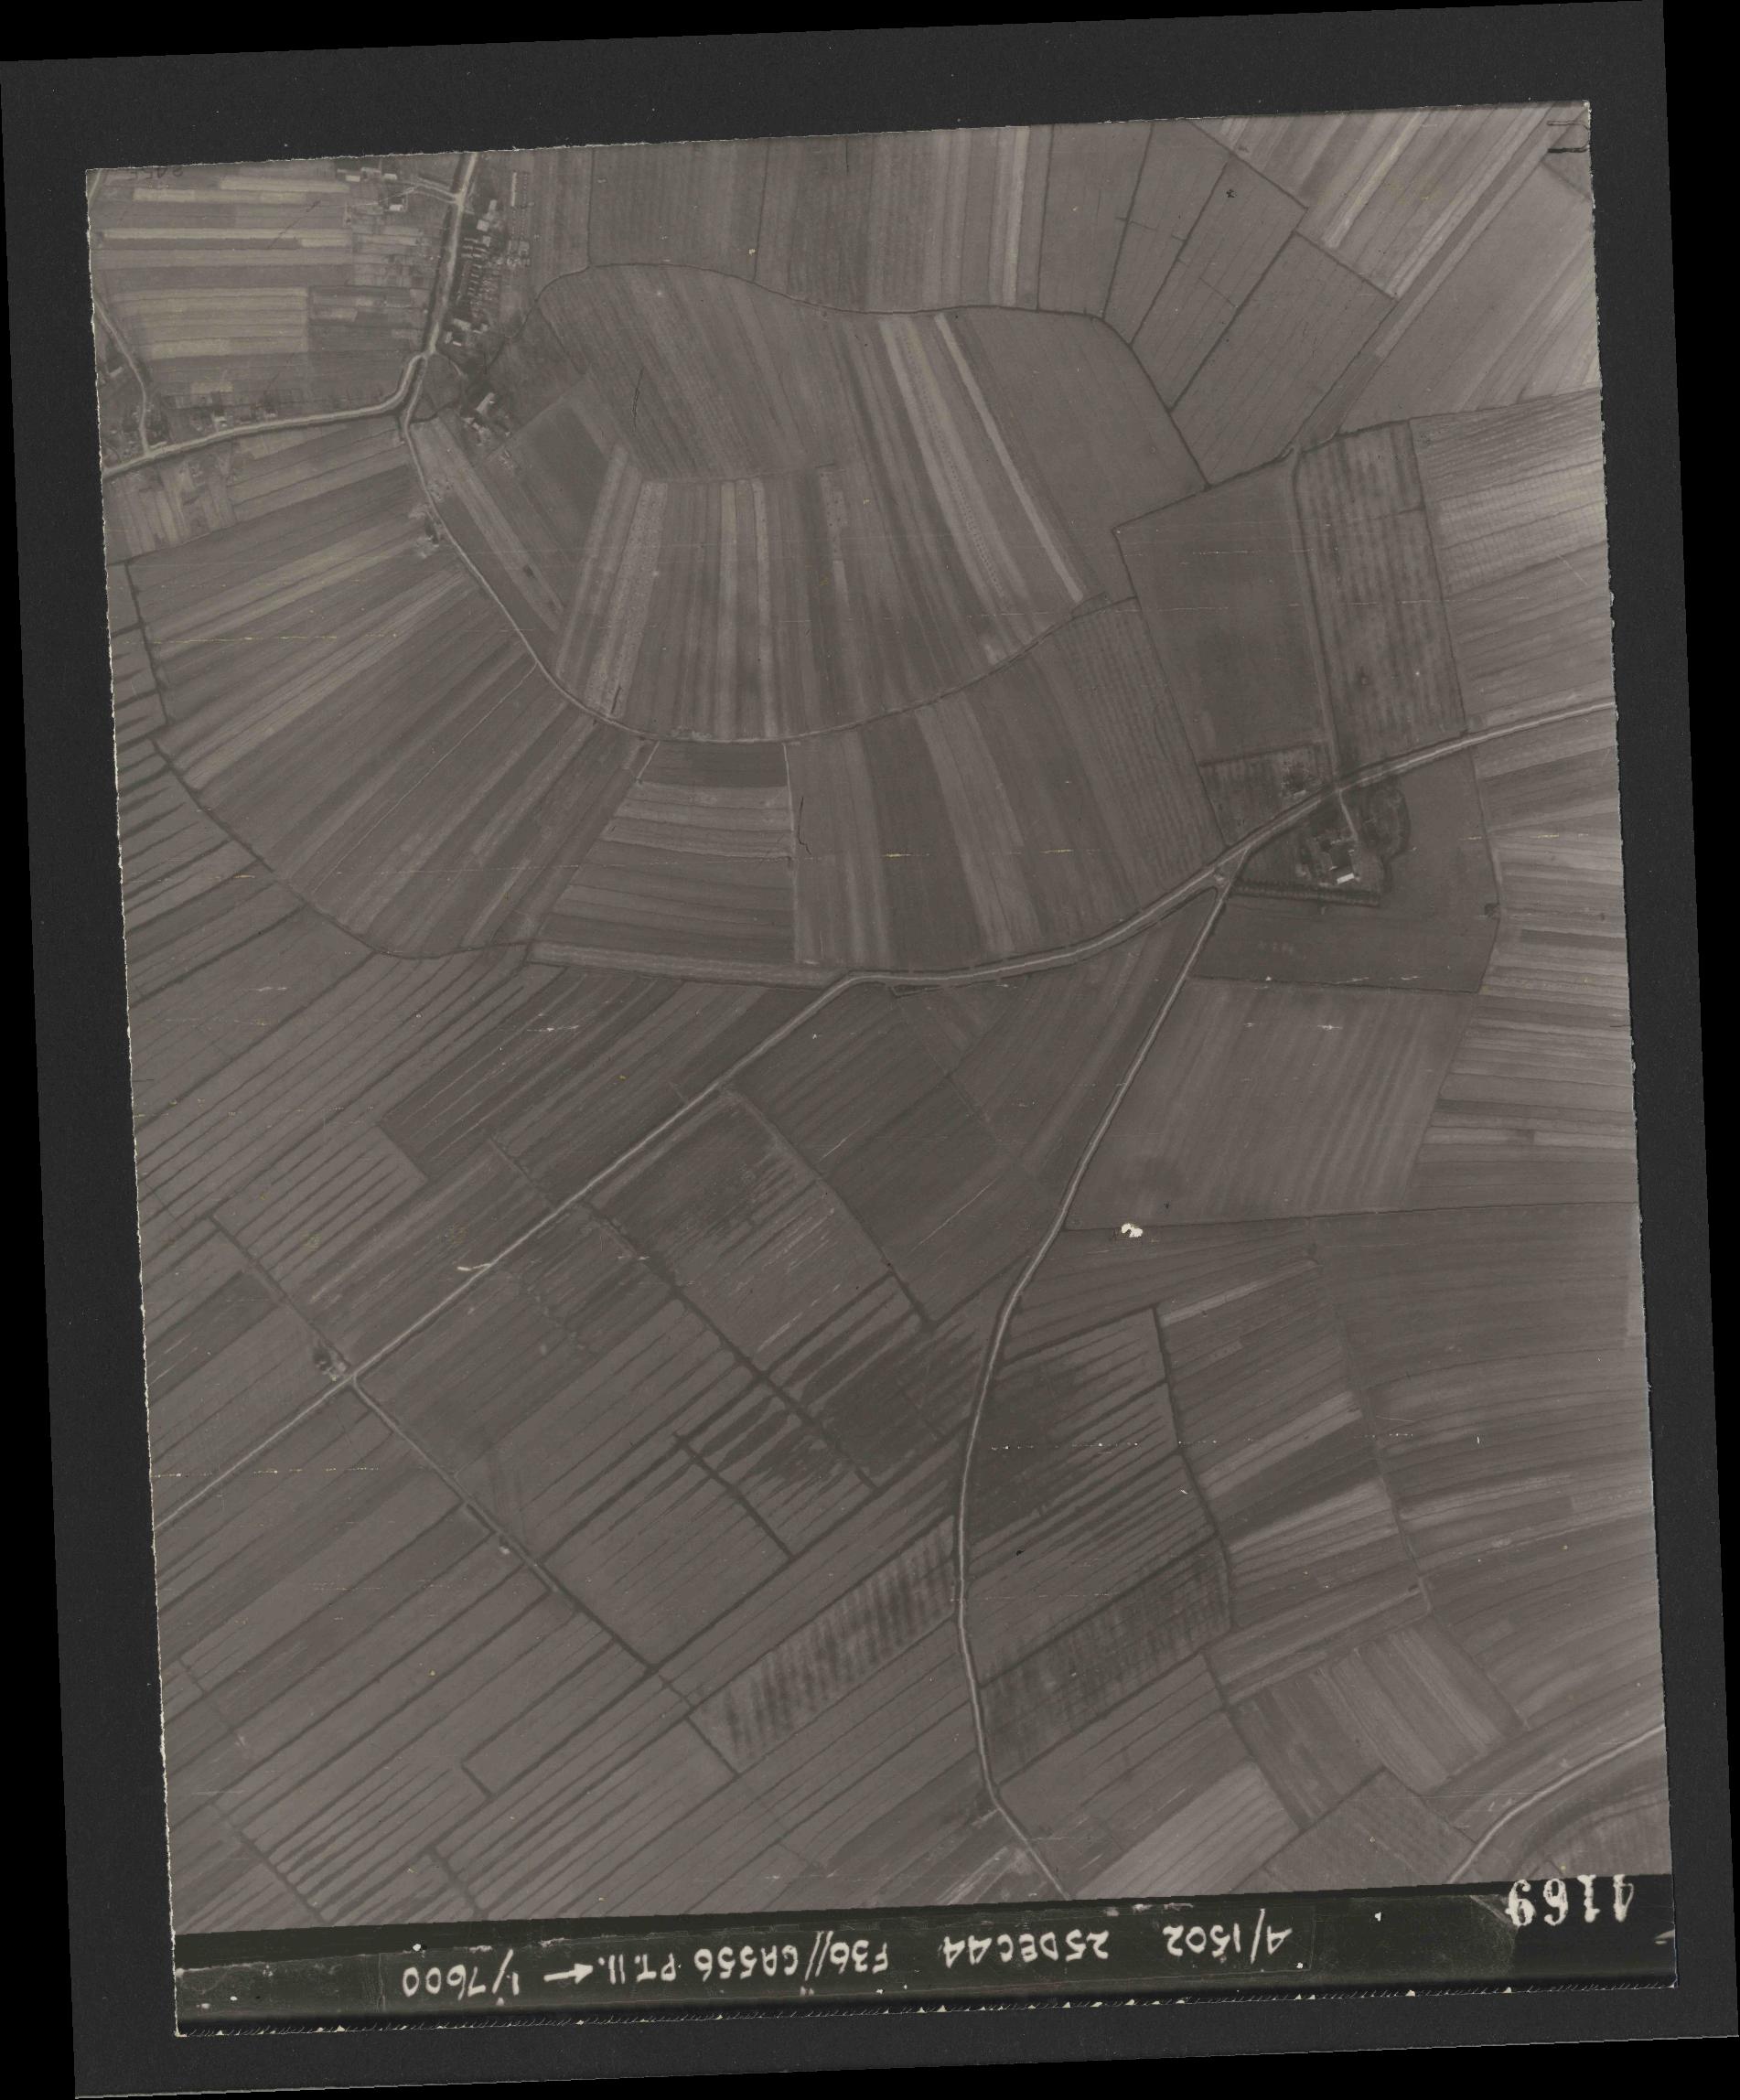 Collection RAF aerial photos 1940-1945 - flight 306, run 05, photo 4169